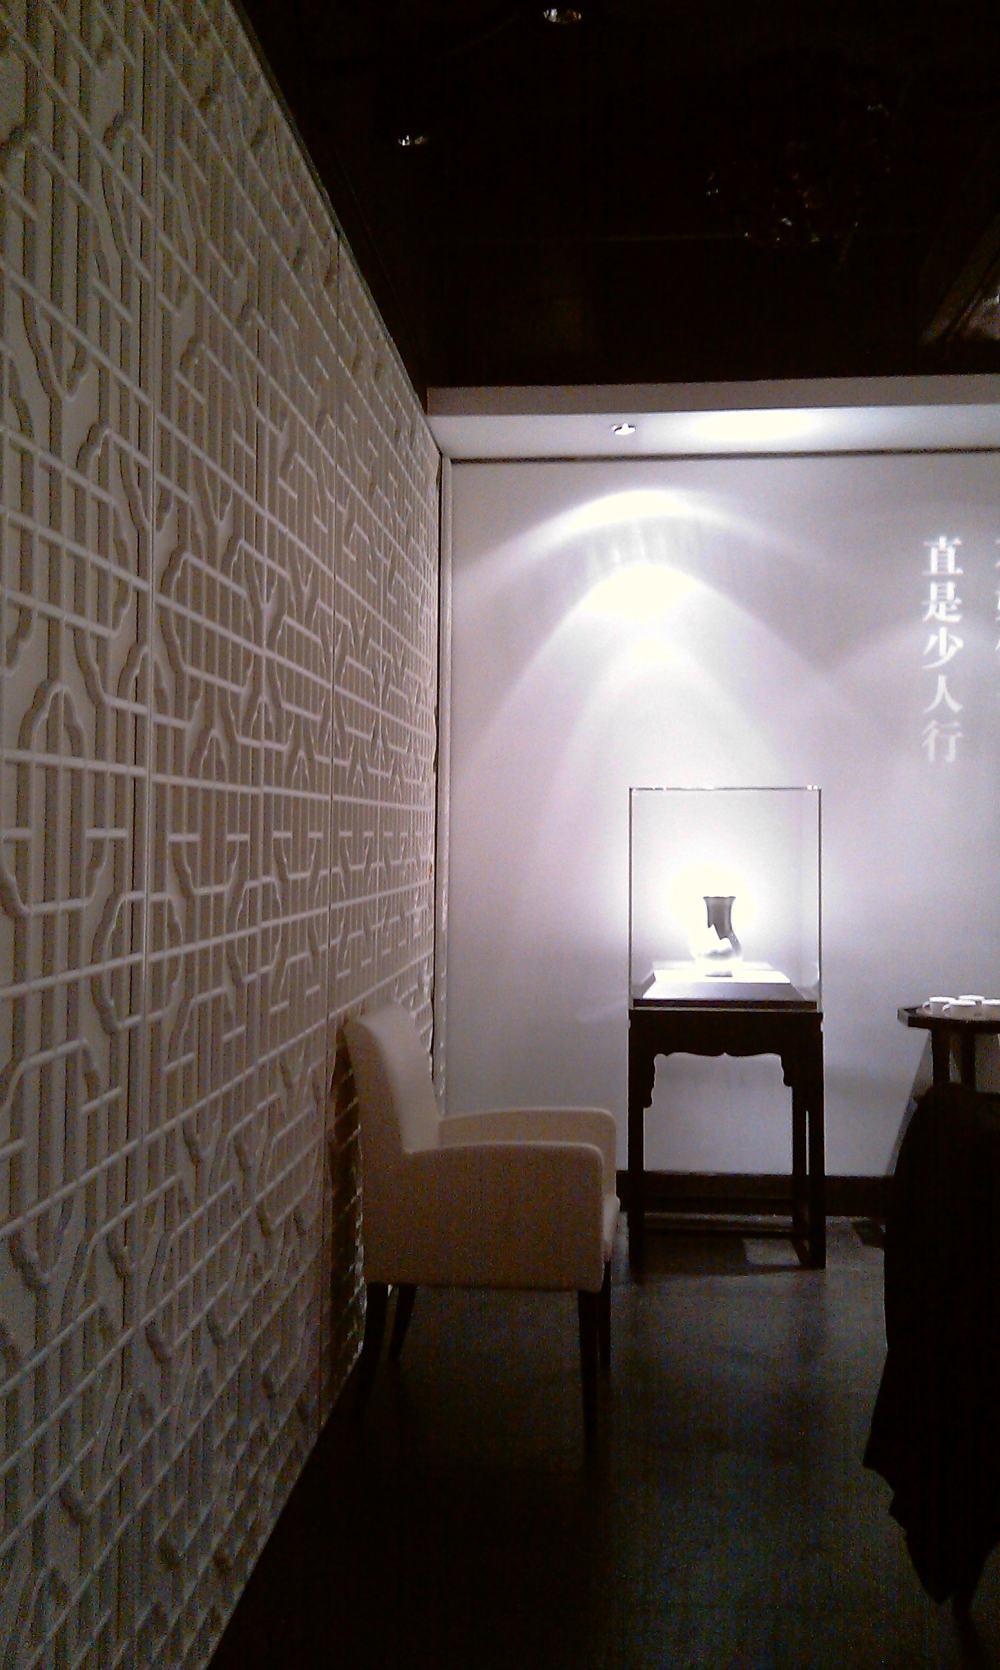 大董新中式餐厅_IMAG0368.jpg